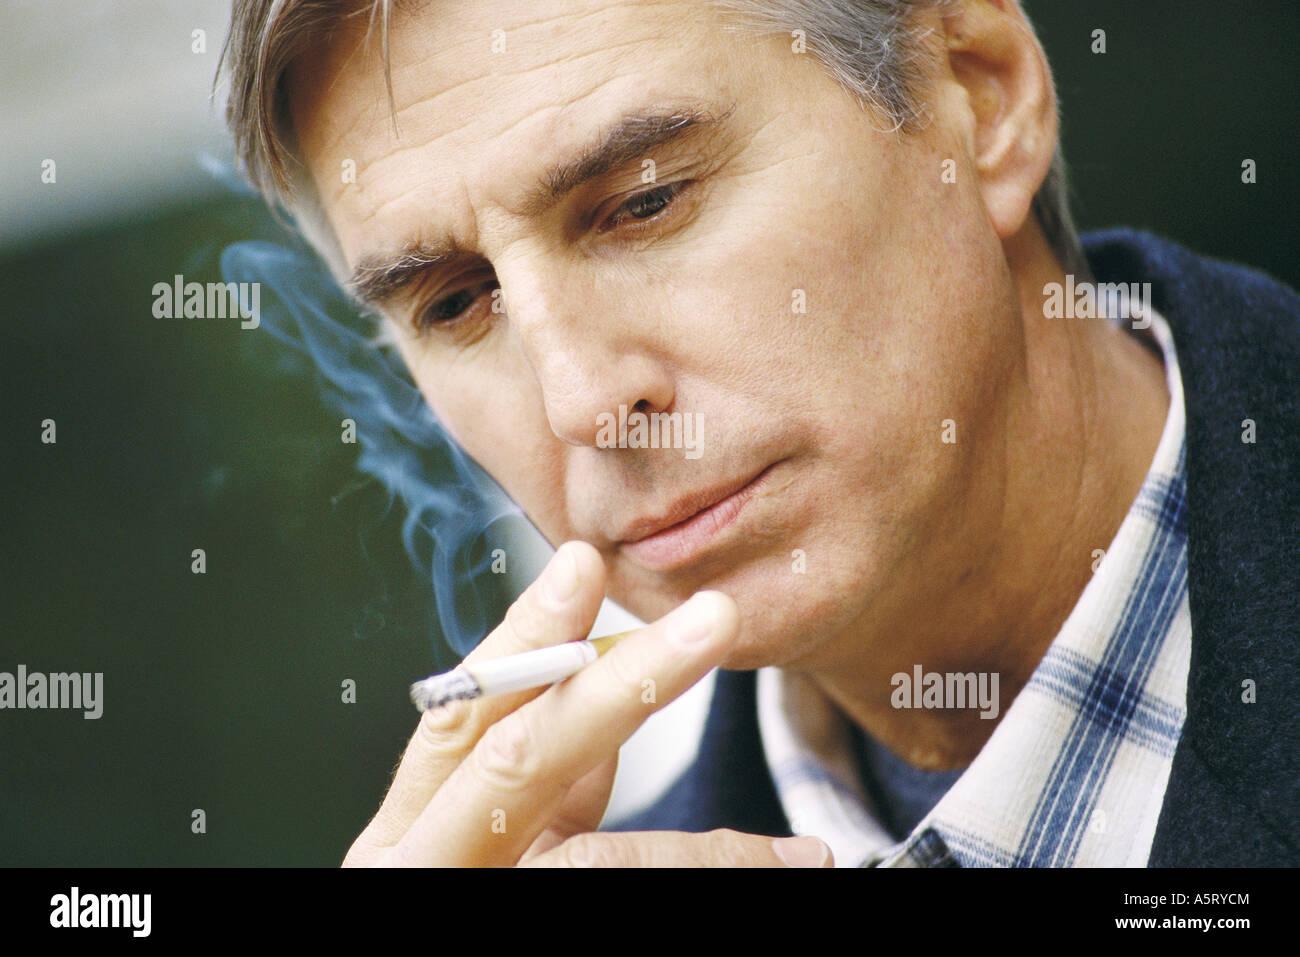 Senior man smoking - Stock Image